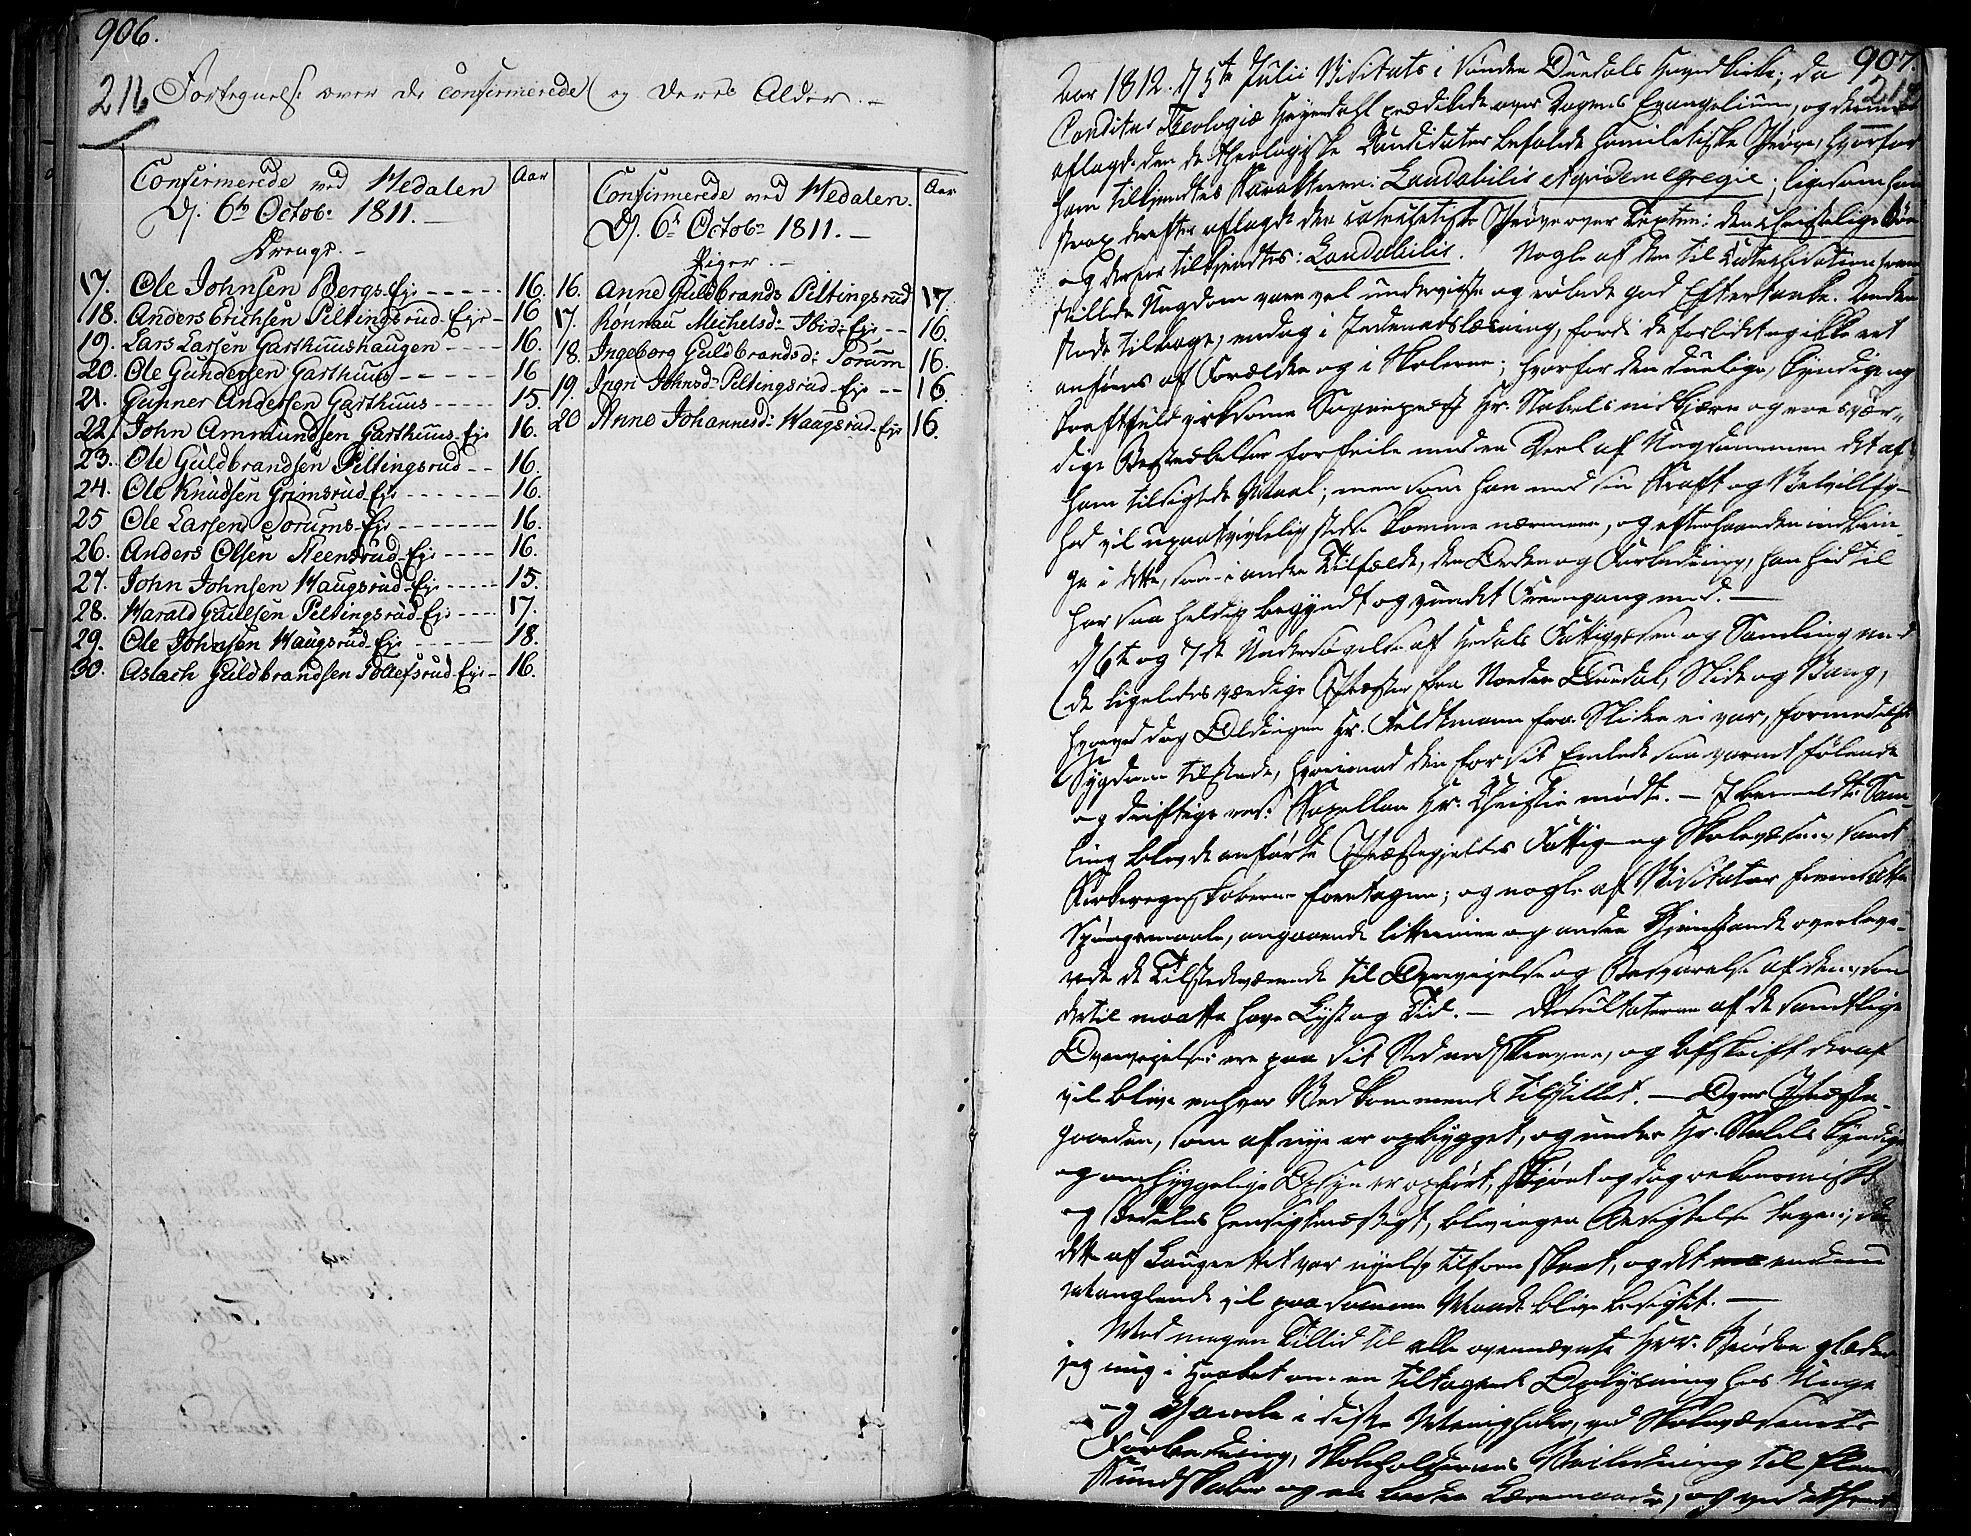 SAH, Sør-Aurdal prestekontor, Ministerialbok nr. 1, 1807-1815, s. 216-217